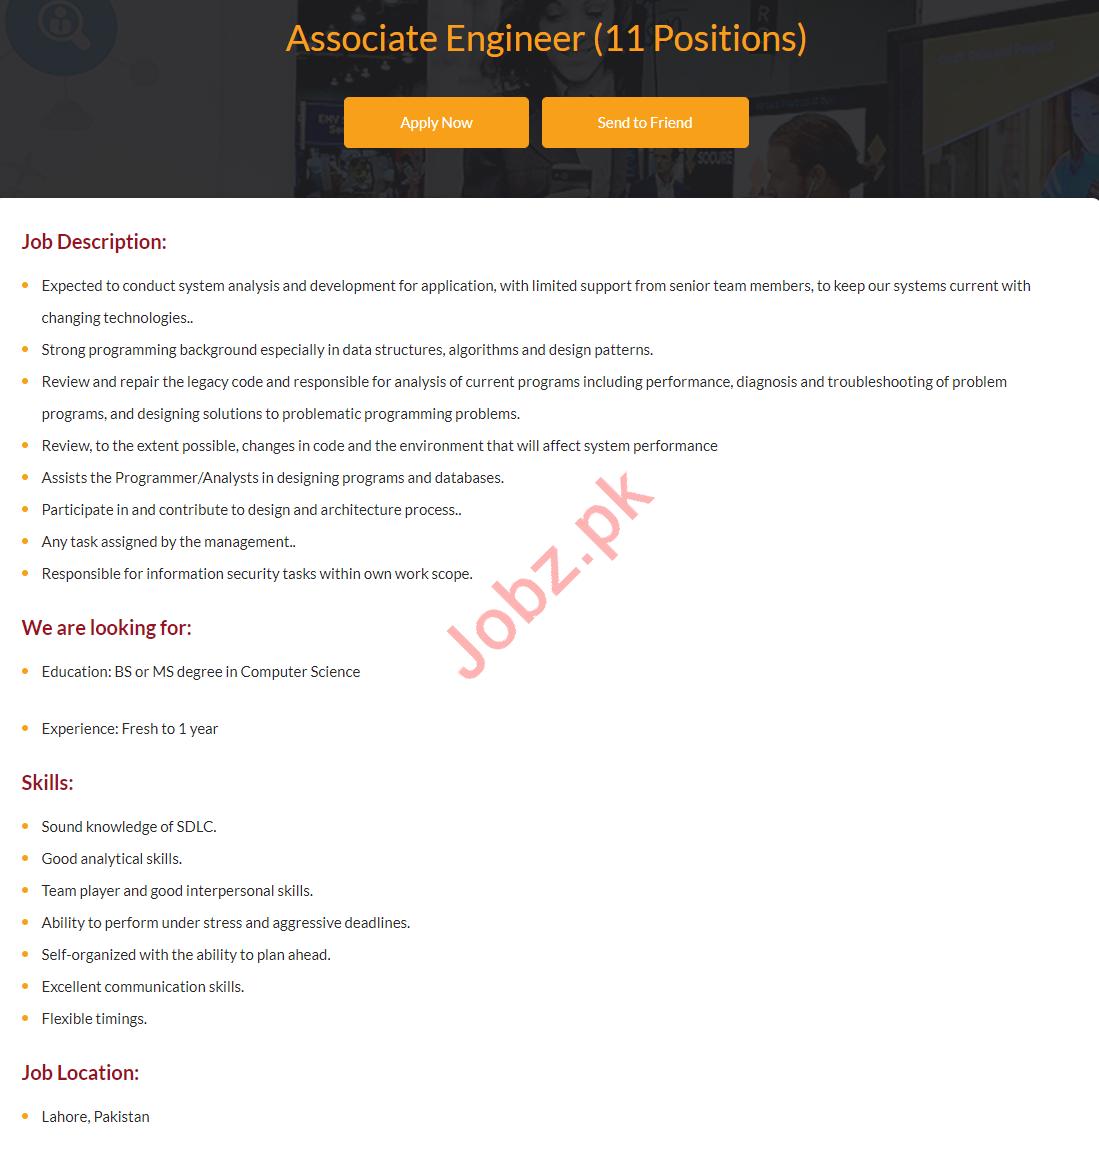 Associate Engineer Jobs 2019 in i2c Pakistan